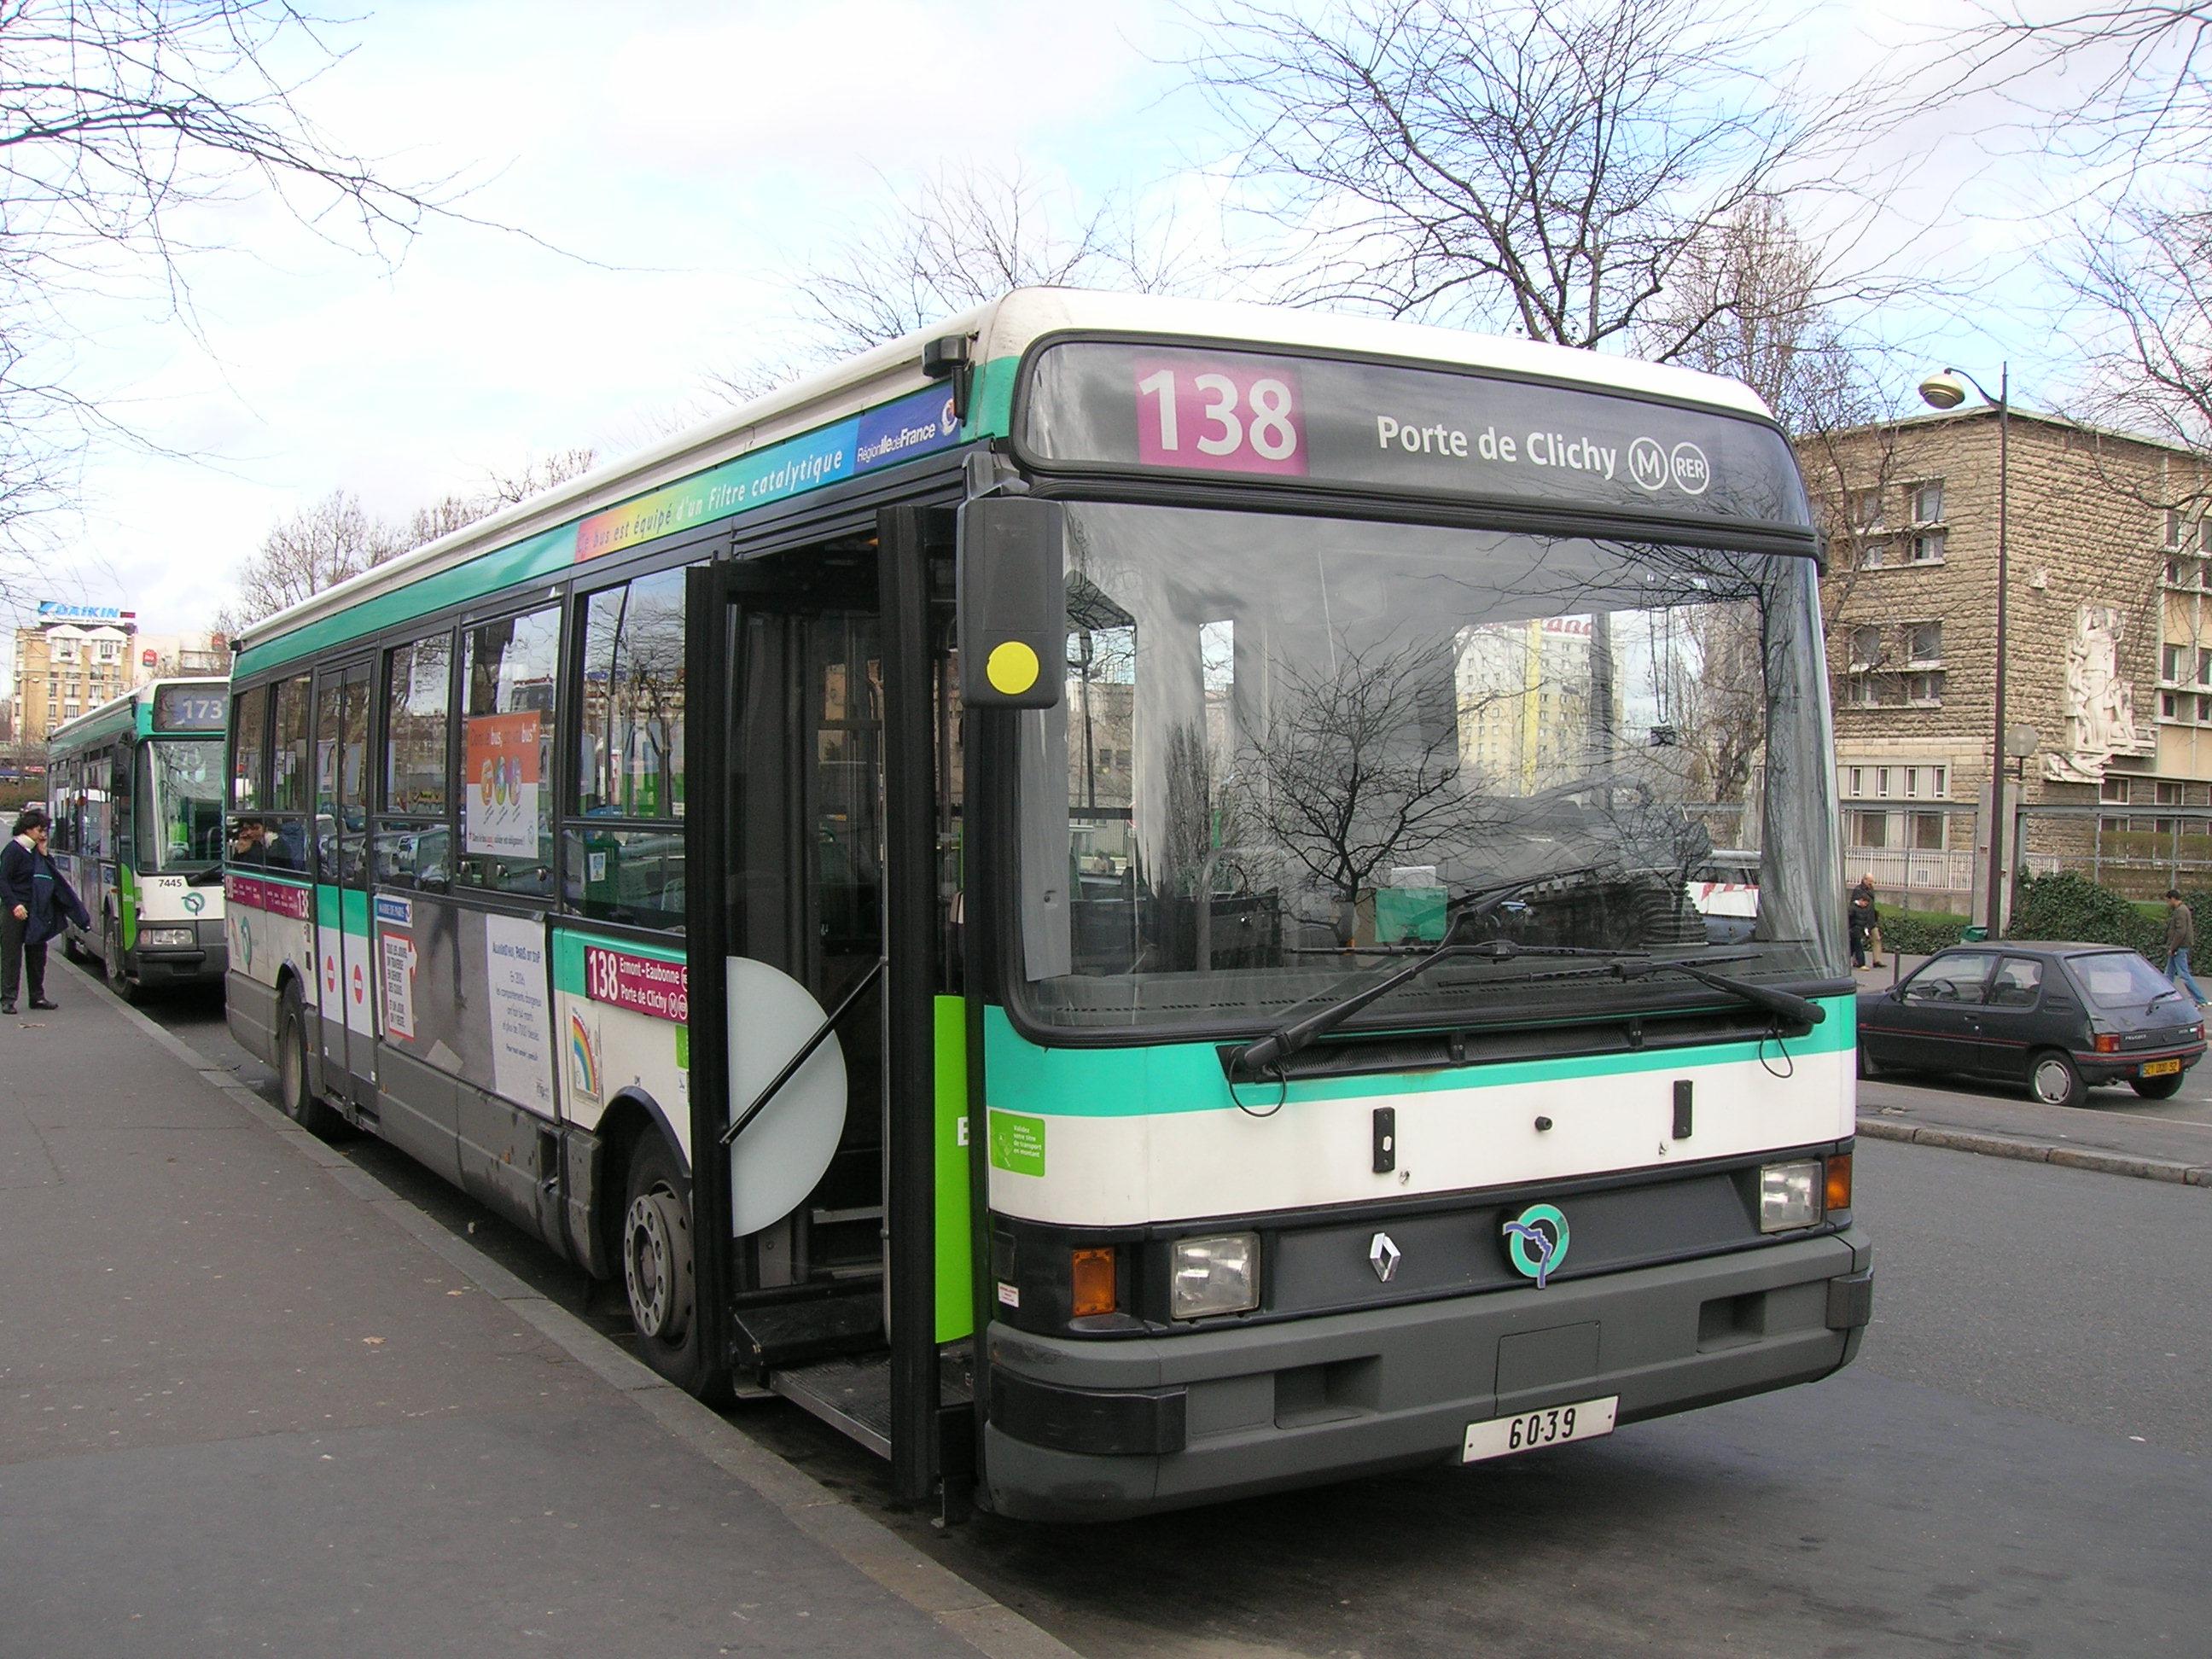 File RATP 138 Porte de Clichy JPG Wikimedia Commons # Renault Aulnay Sous Bois